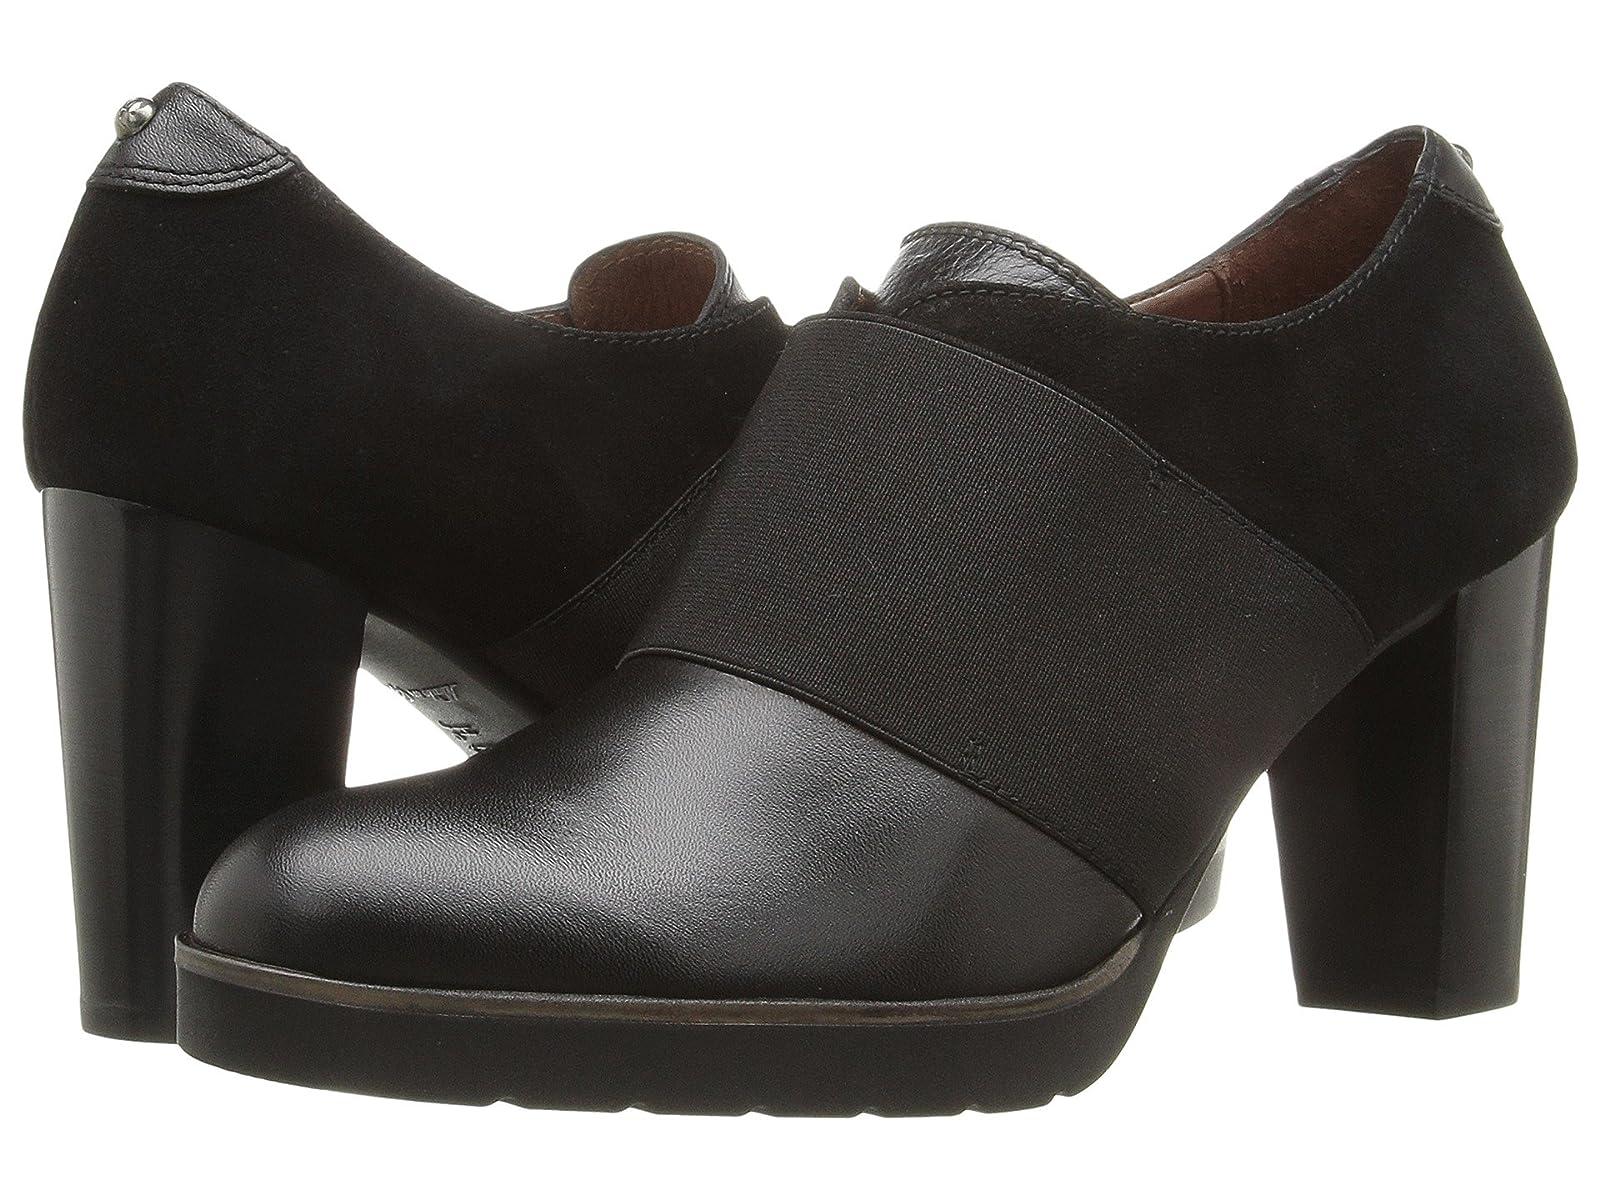 Hispanitas ValeCheap and distinctive eye-catching shoes